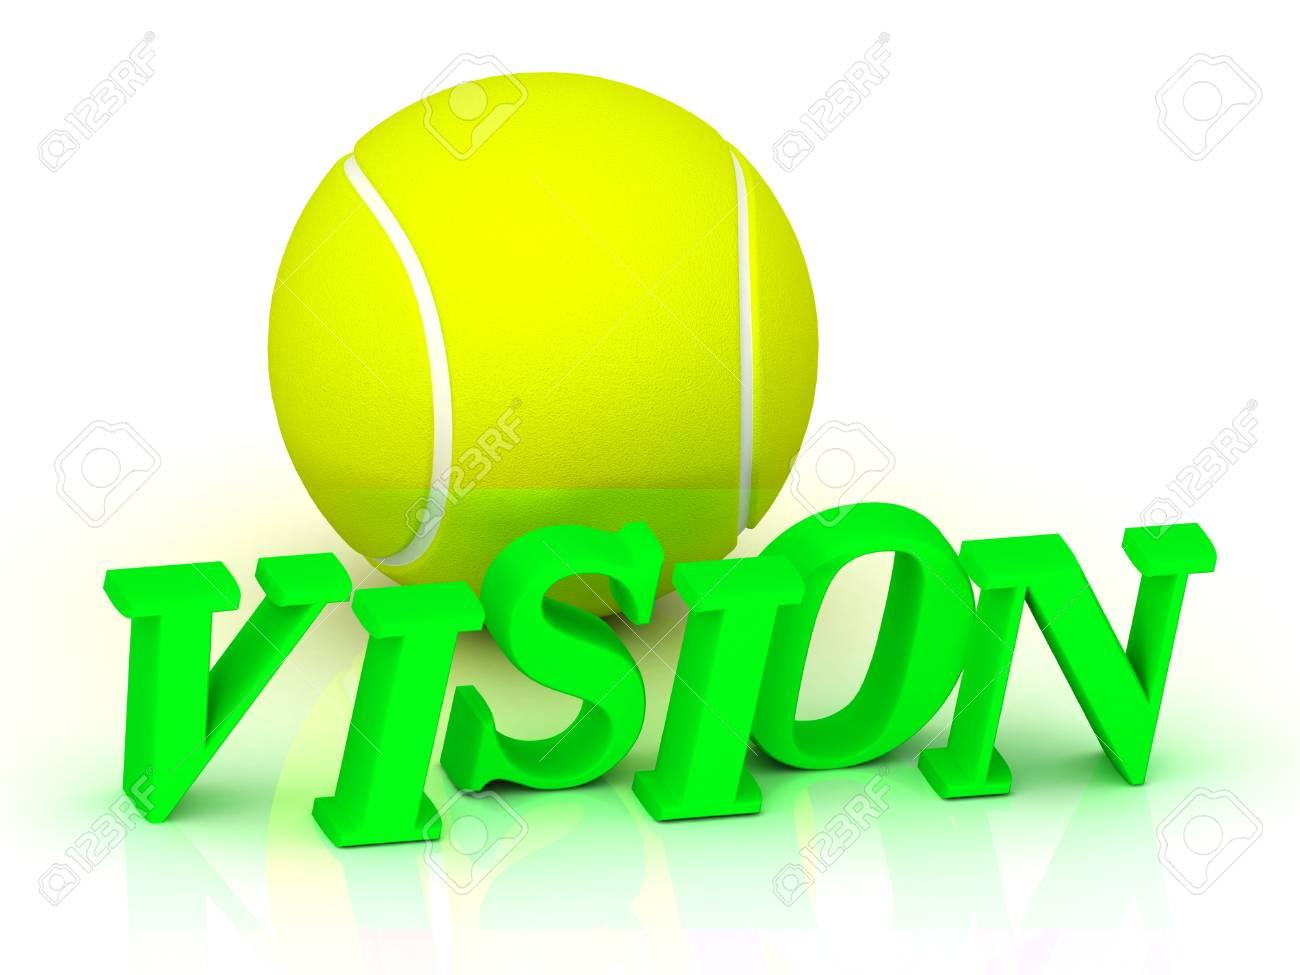 9cd247915a65a Banque d'images - VISION - lettres vertes brillantes et une balle de tennis  jaune sur fond blanc